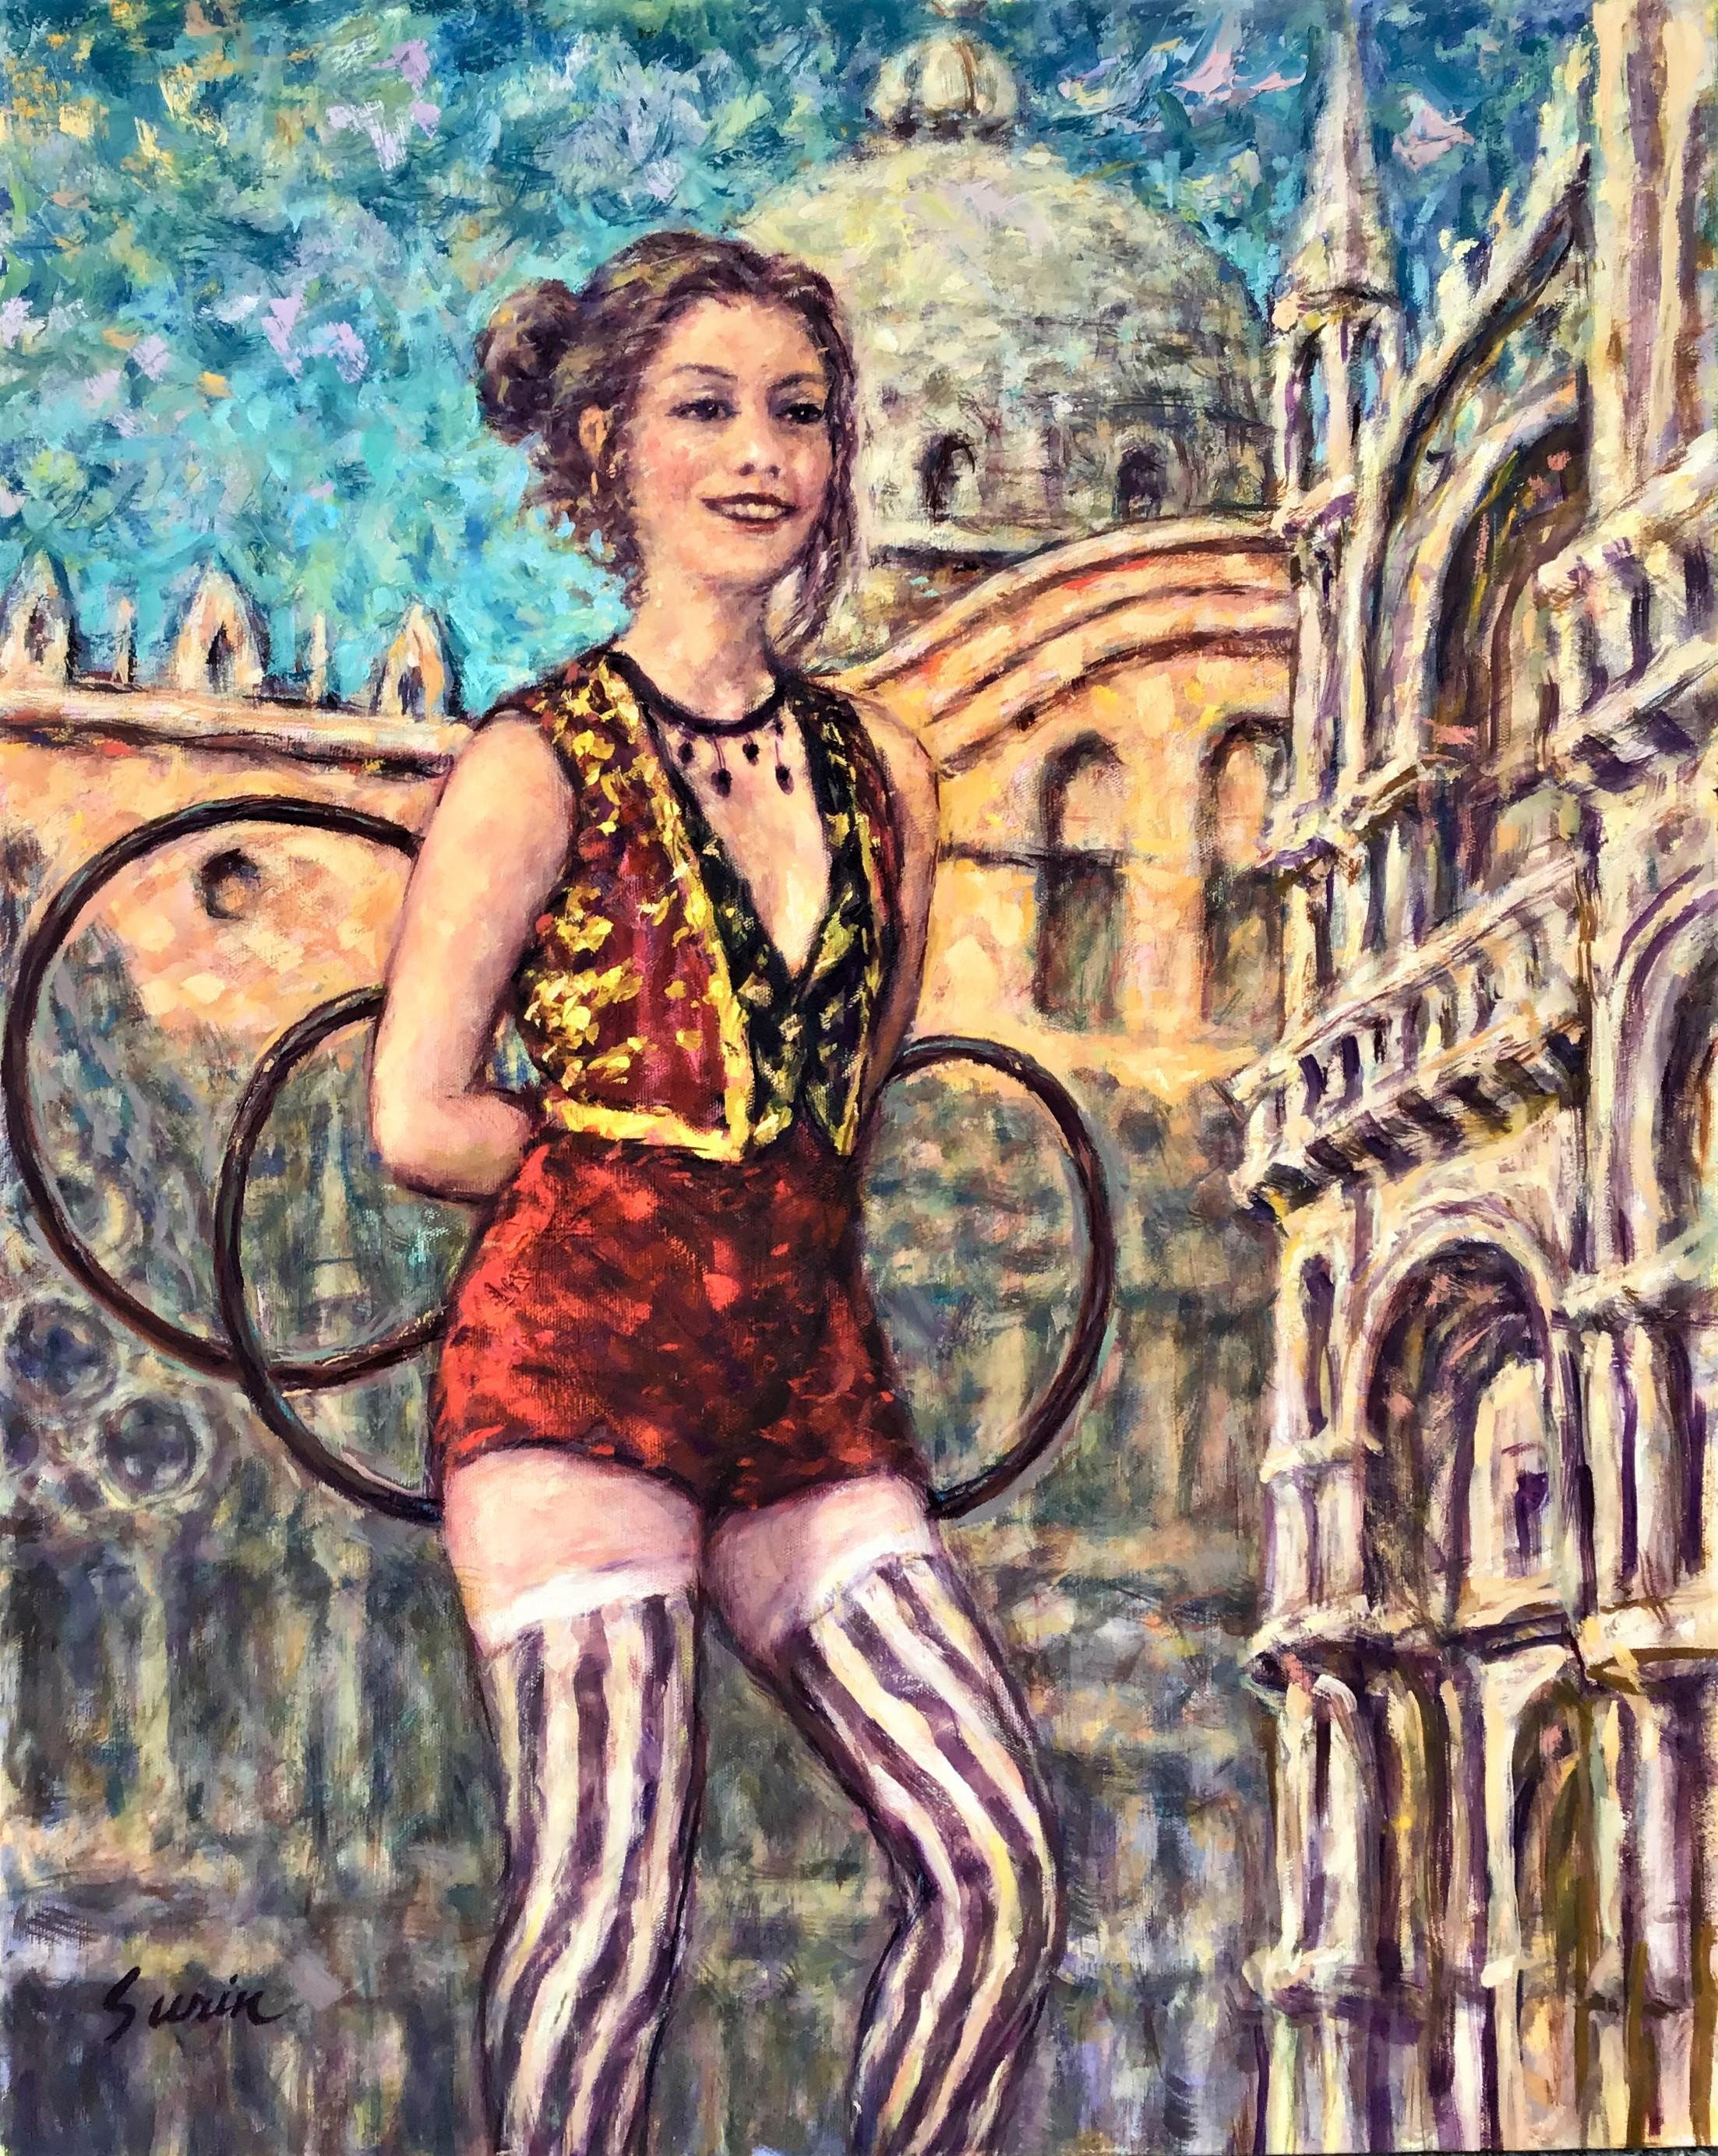 Circus Girl in Venice